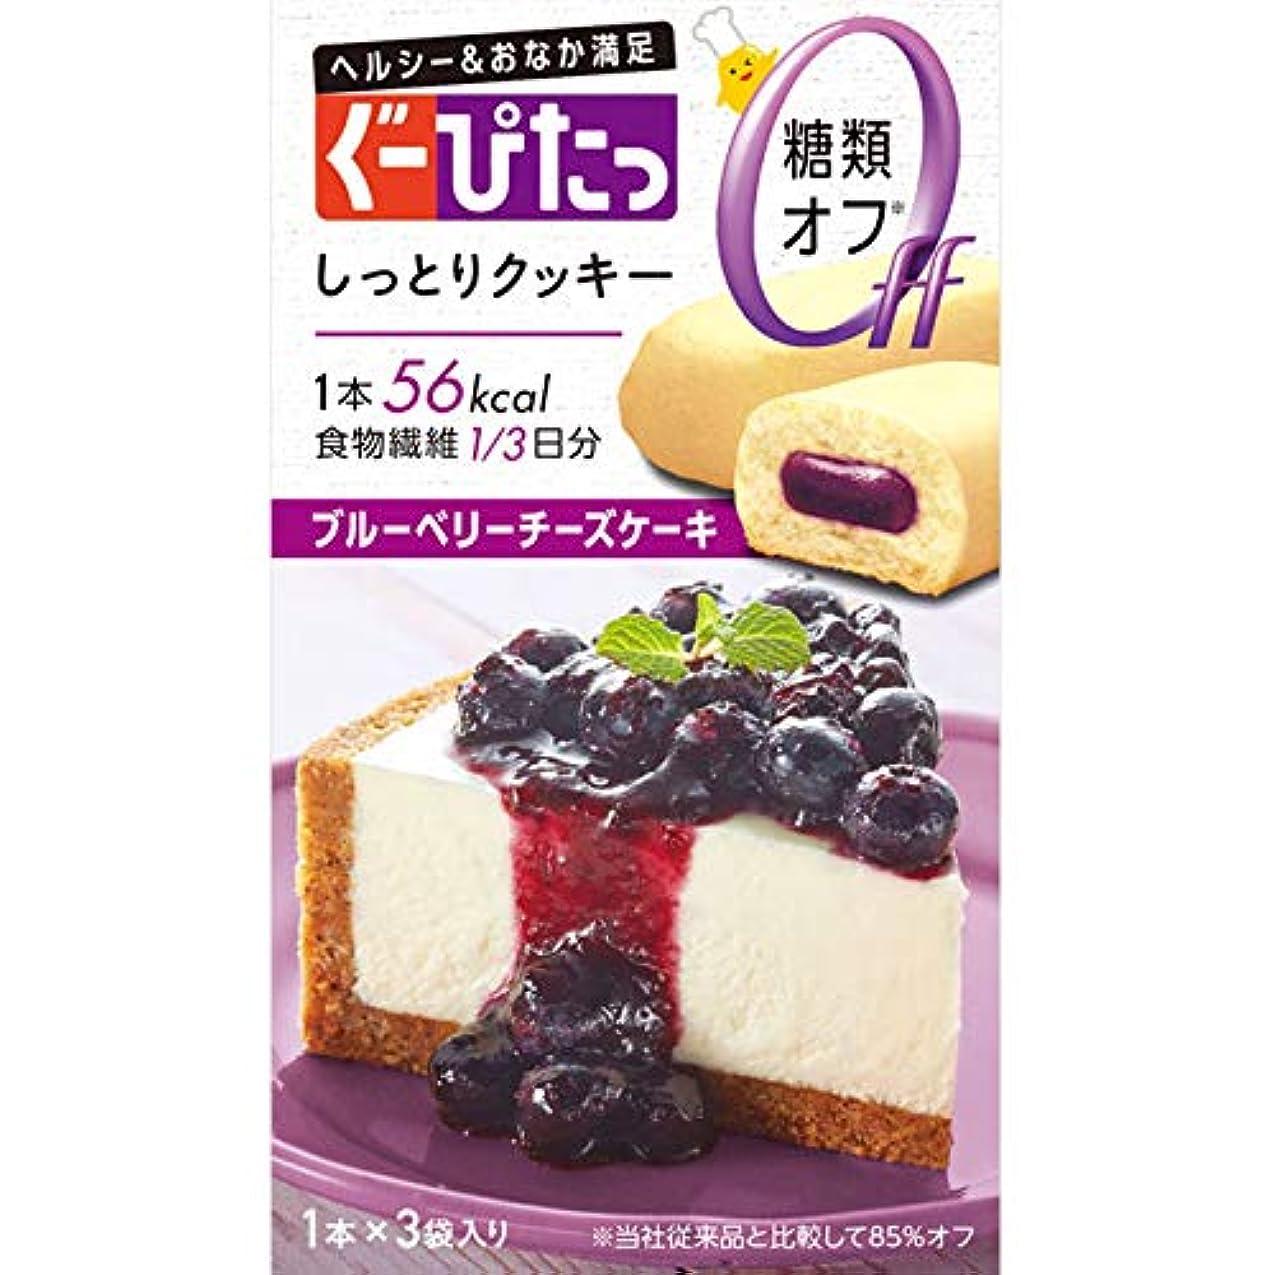 なめる要旨踏み台ナリスアップ ぐーぴたっ しっとりクッキー ブルーベリーチーズケーキ (3本) ダイエット食品